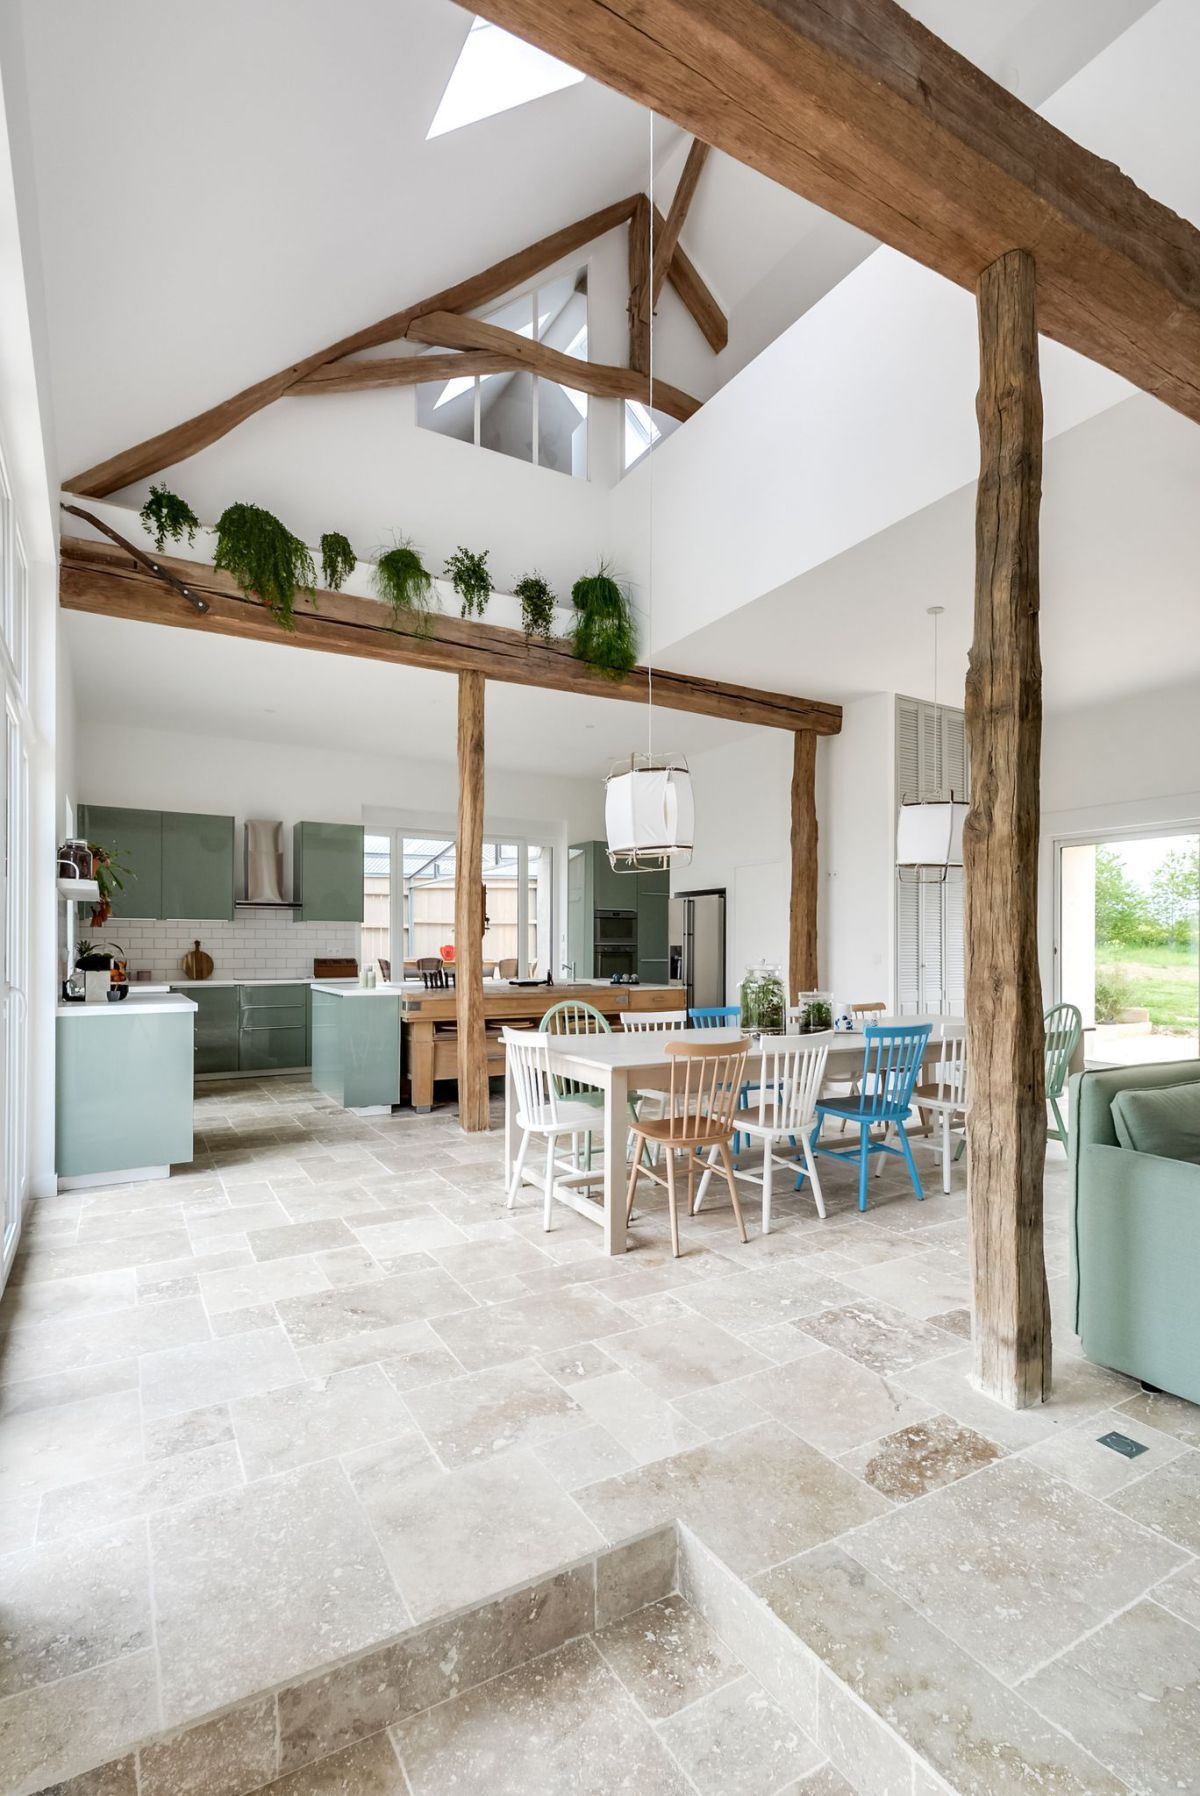 Une long re r nov e dans l 39 yonne maison mer long re r nov e r novation maison et d co - Renovation maison de campagne ...